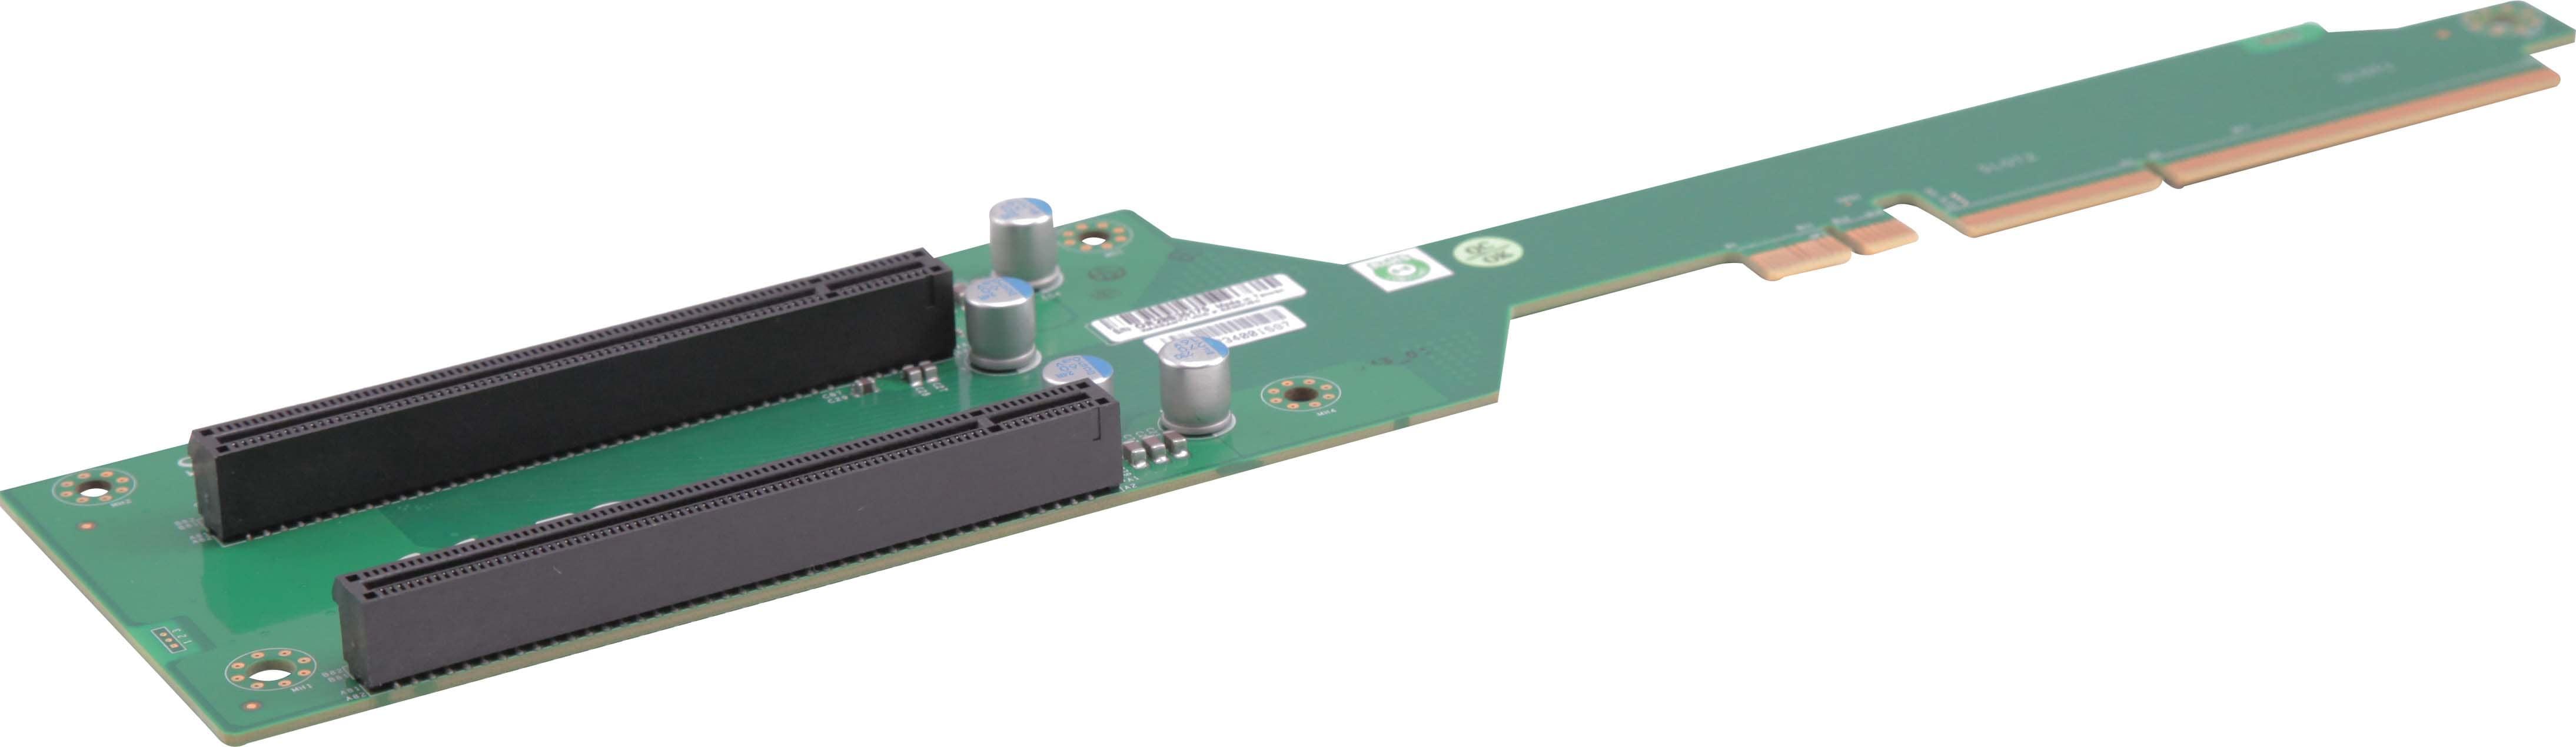 Zdjecie - RSC-R2UFF-2E16B - Supermicro